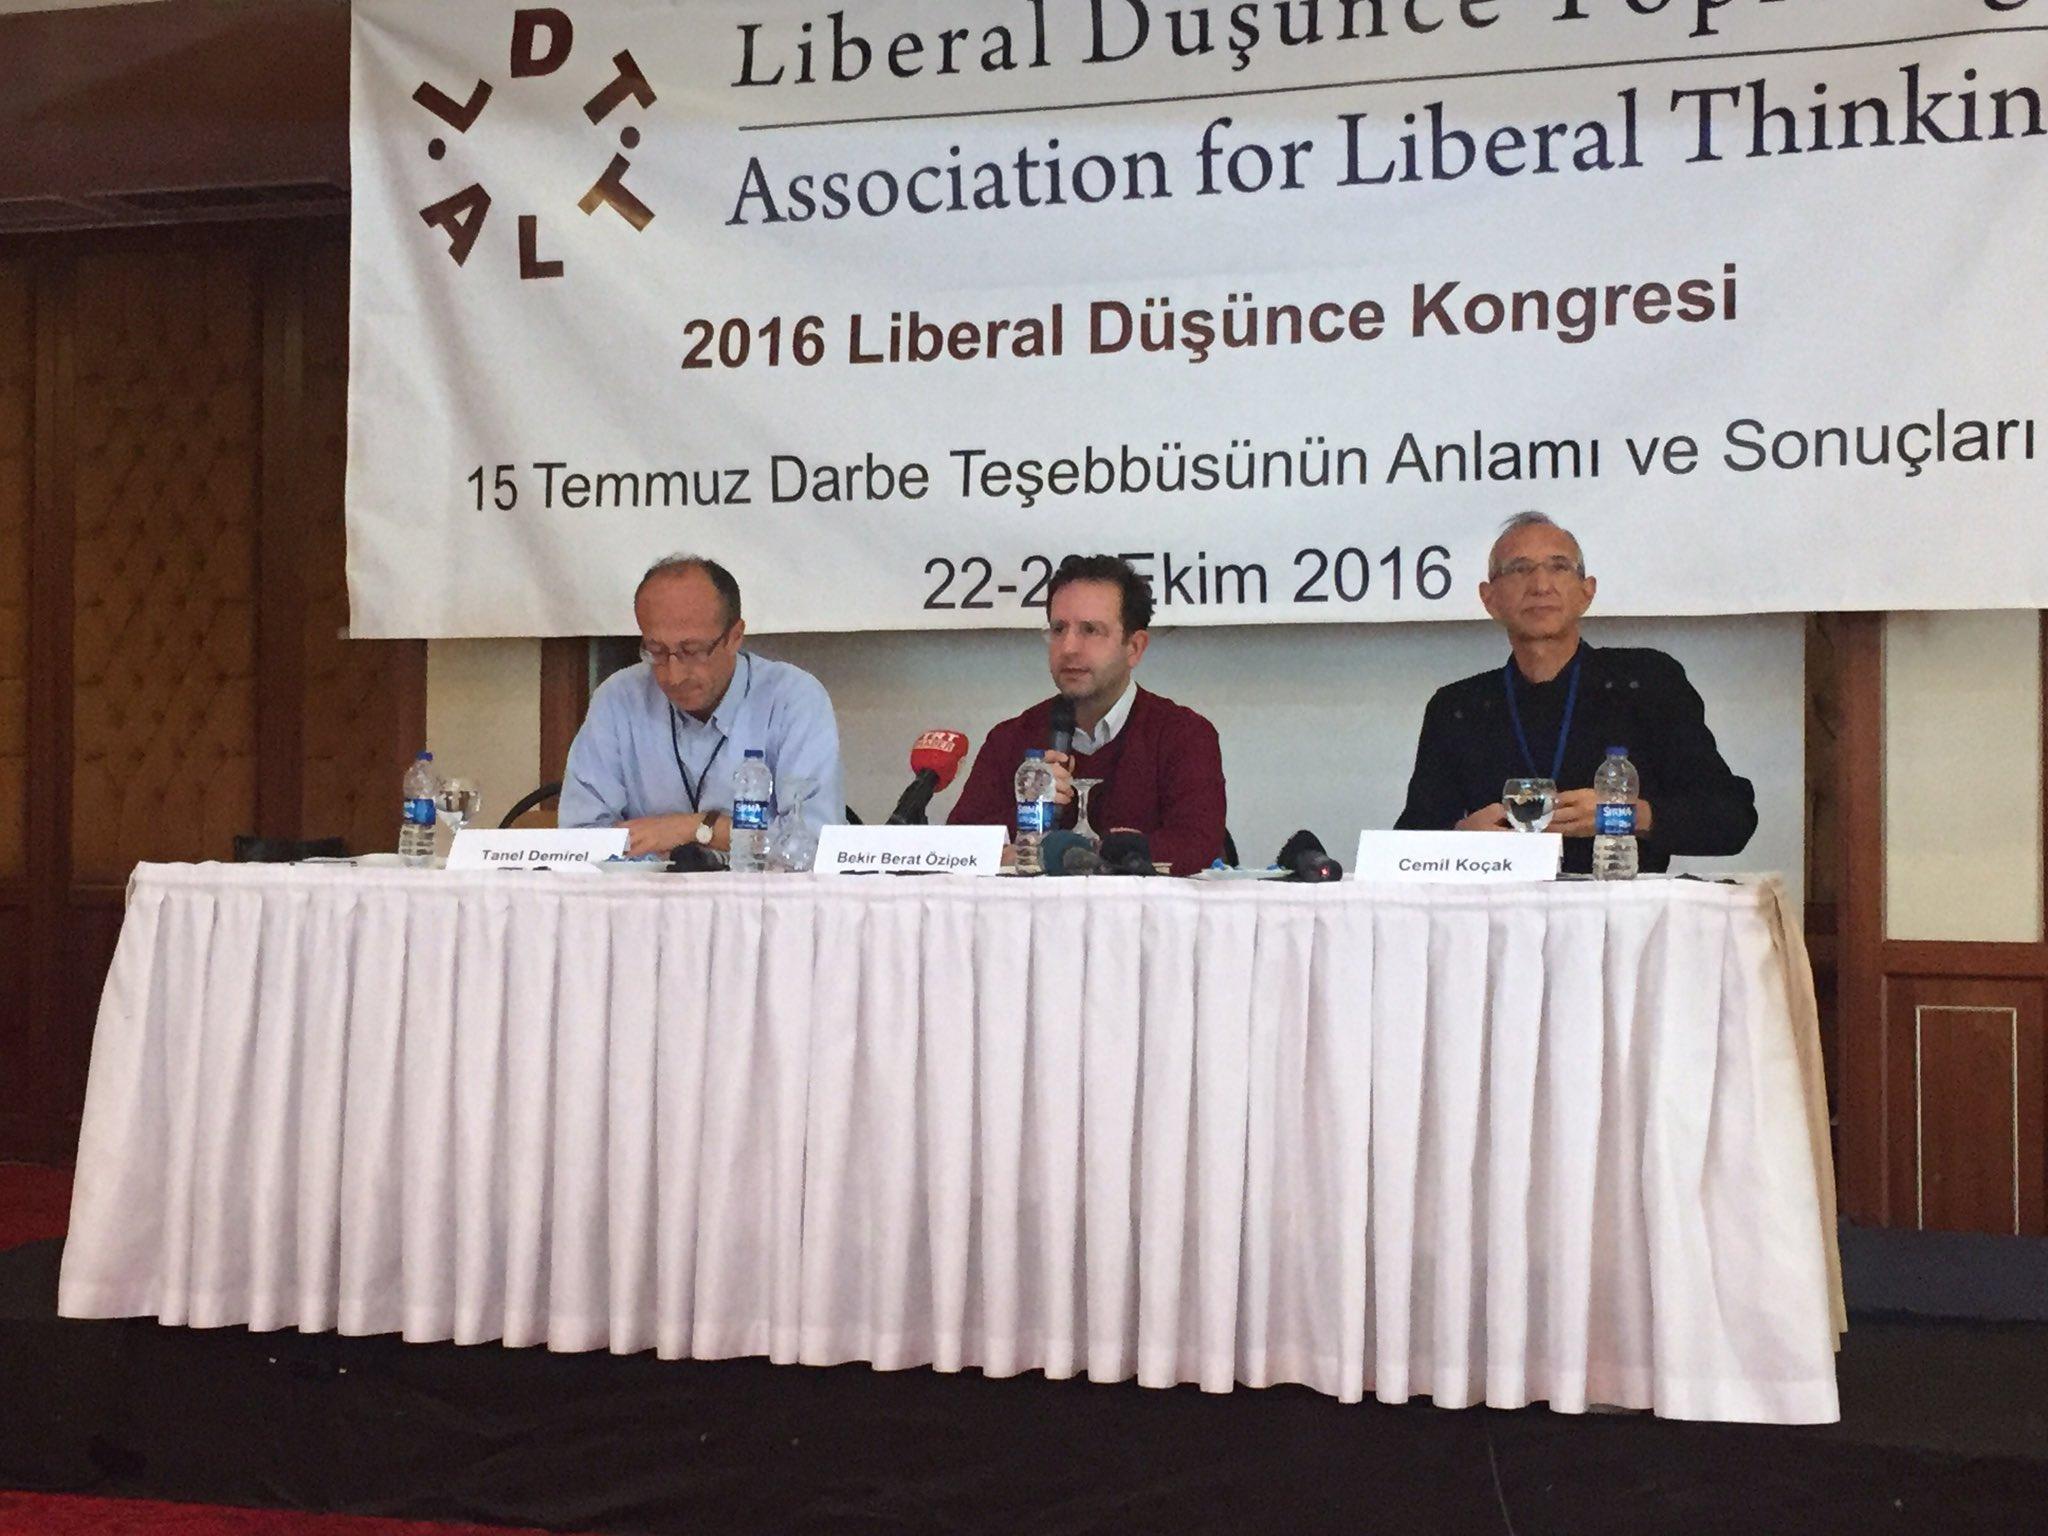 """#LDK2016 I.Oturumu """"15 Temmuz ve Türkiye'de Demokrasinin Tahkimi"""" @beratozipek @cemilkocakstar ve Tanel Demirel'in sunumları ile başladı. https://t.co/O1Hf55mTUO"""